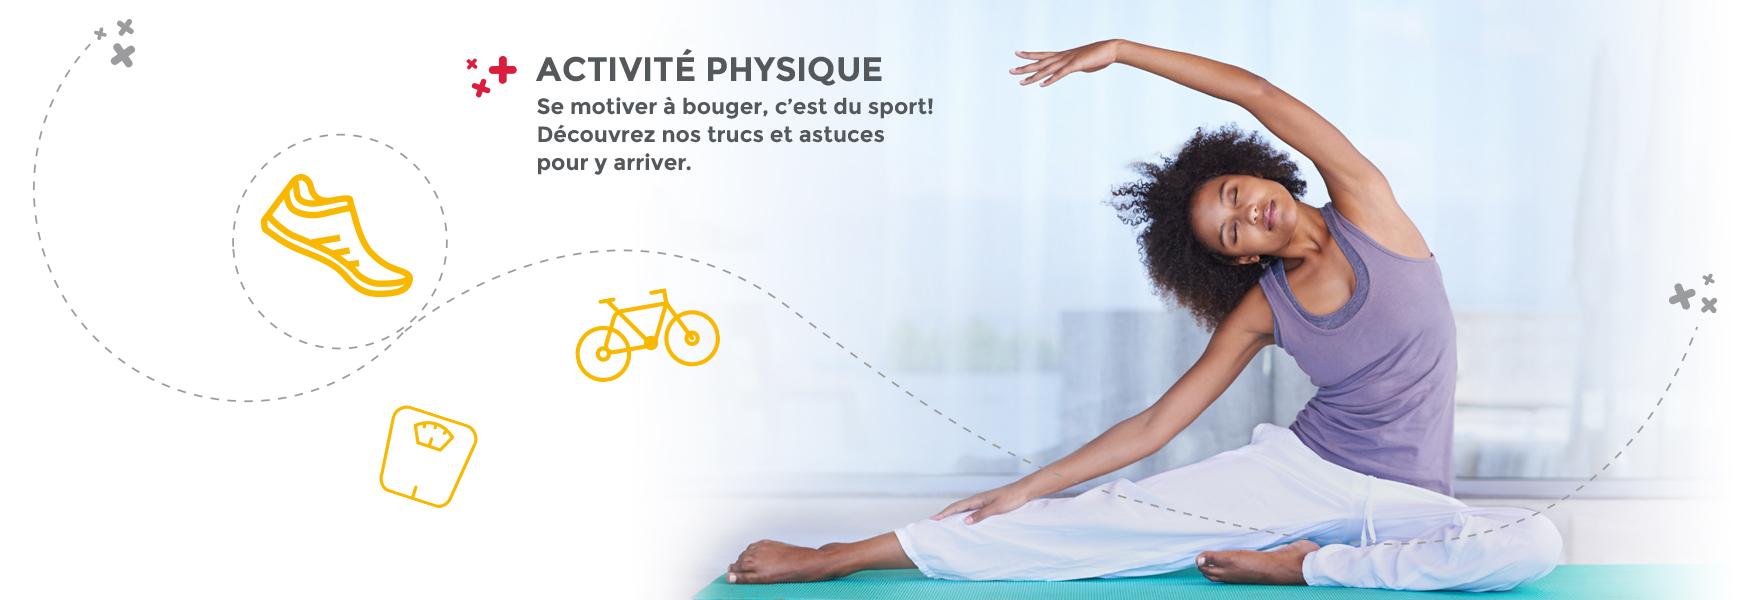 activité physique santé entreprise